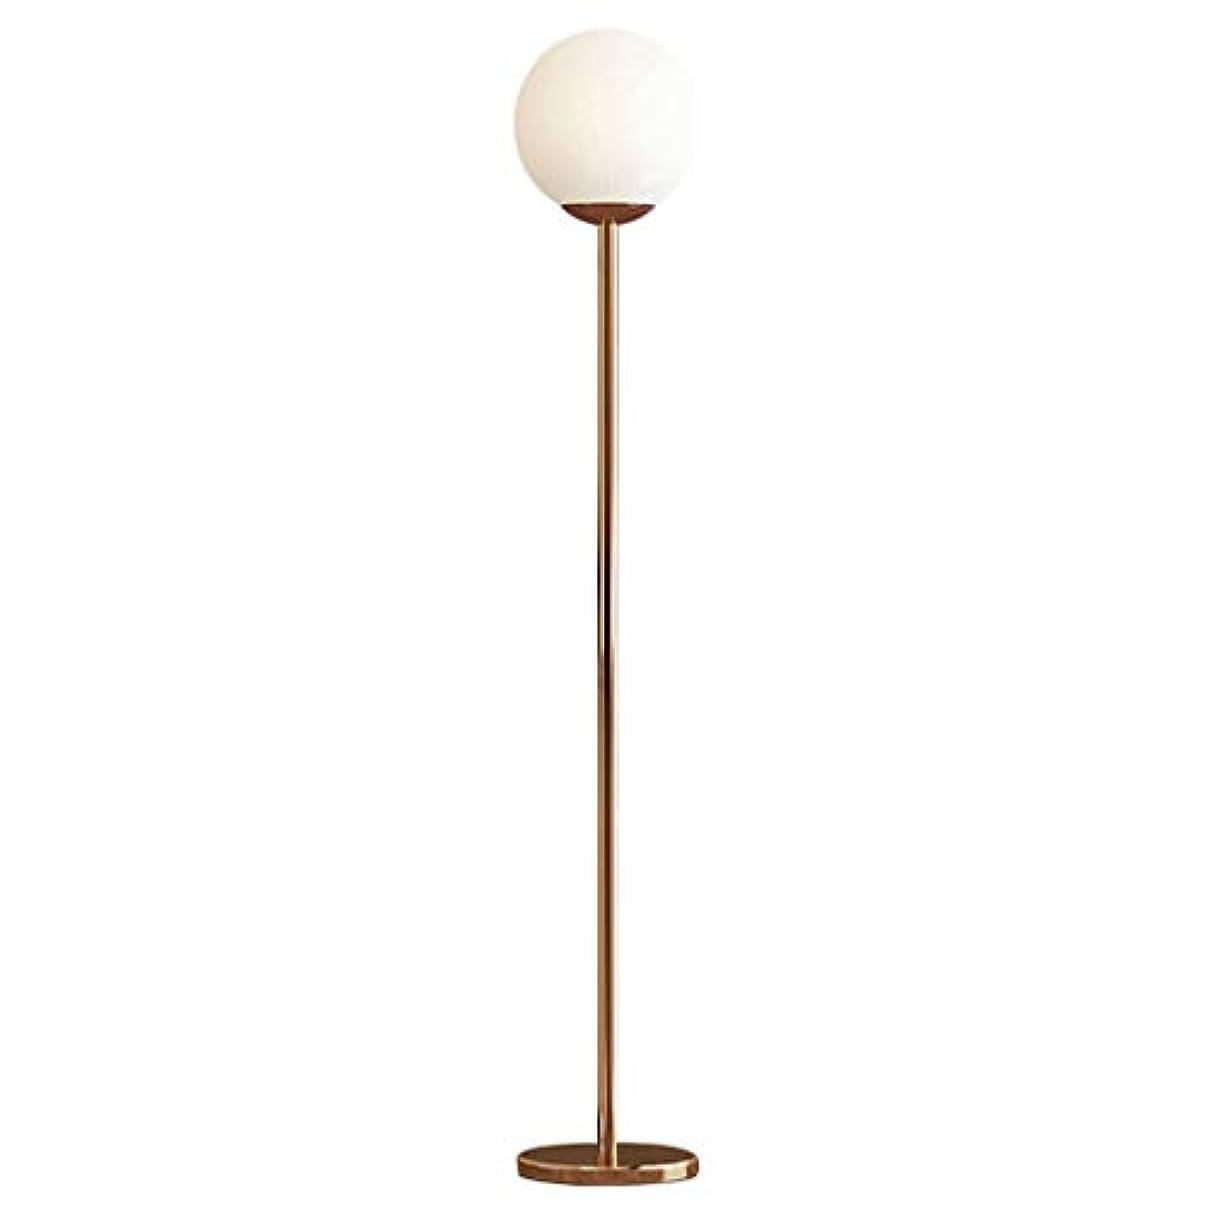 研究重なるポットフロアランプ フロアランプボール現代のミニマリストのガラス玉直立はランプ北欧の装飾ベッドルームベッドサイドリビングルームのソファスタンド 垂直フロアランプ